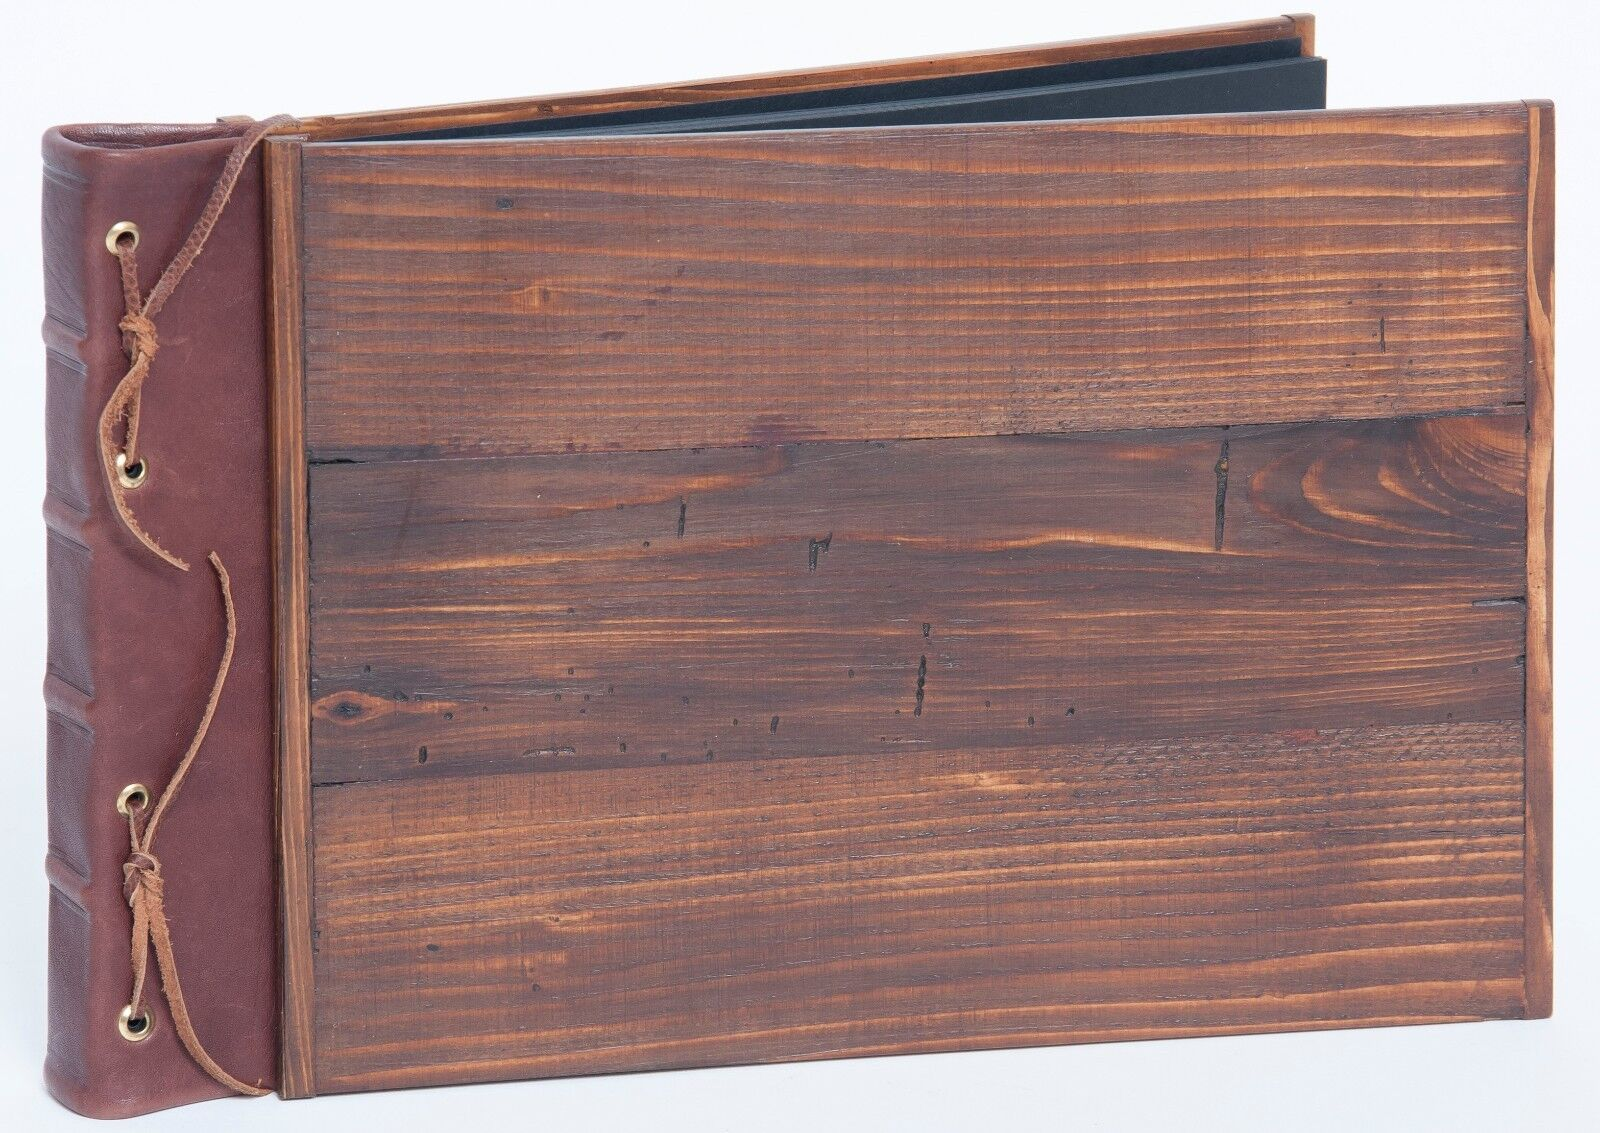 Gästebuch oder Fotoalbum Holz mit Leder sehr edel Handarbeit Nr.8 Seiten schwarz